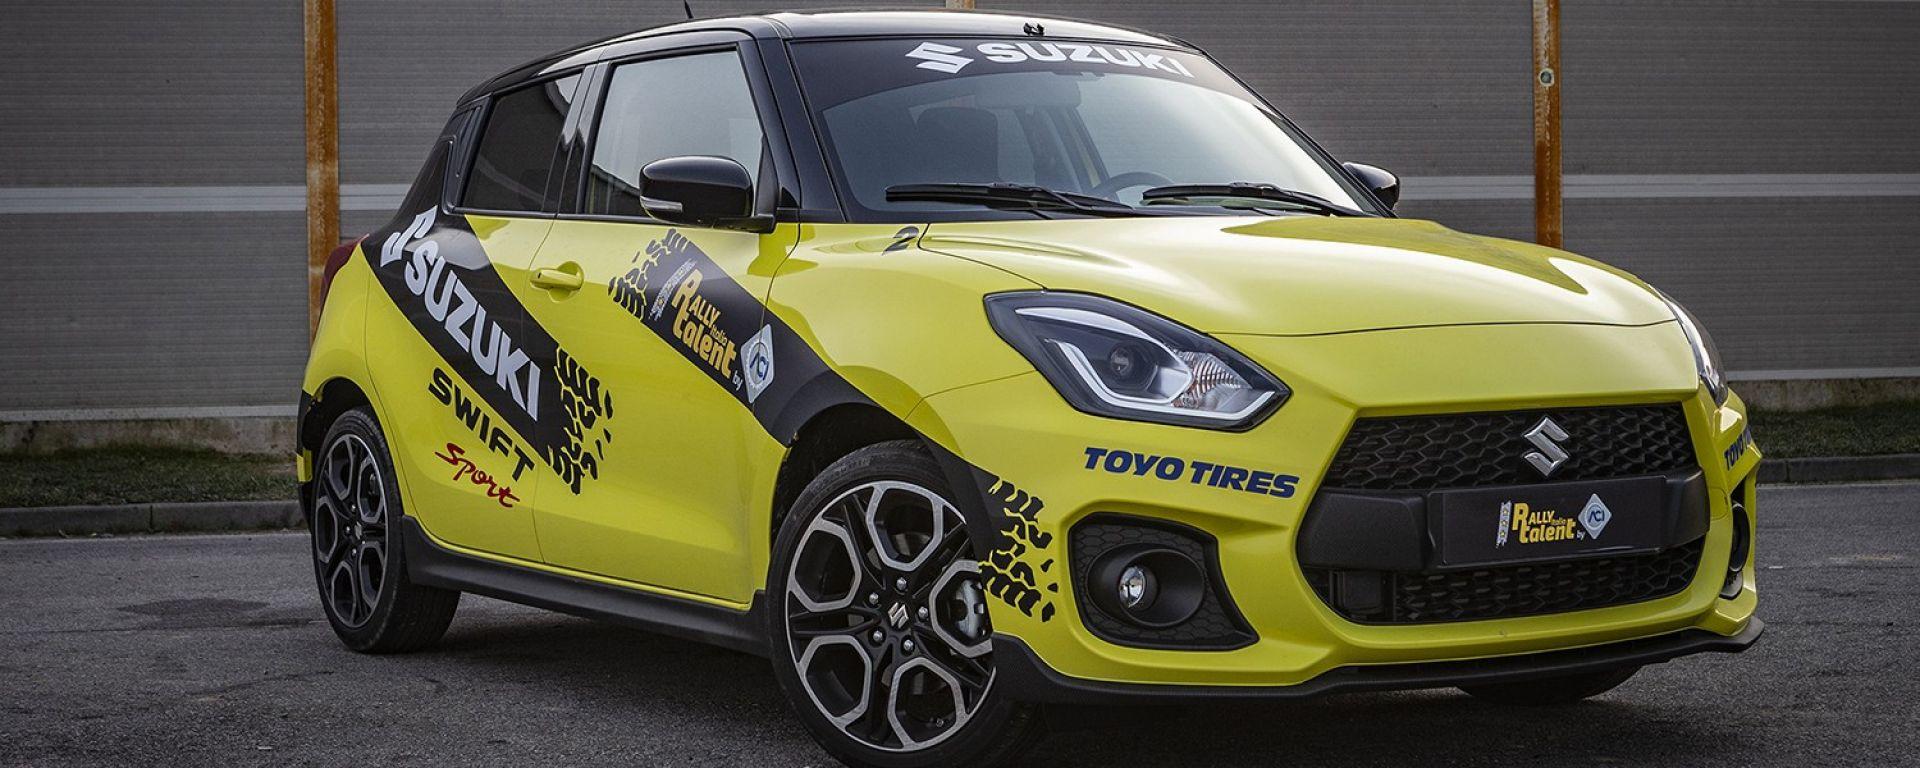 Rally Italia Talent 2019: ecco il Grande Fratello dei motori con Suzuki